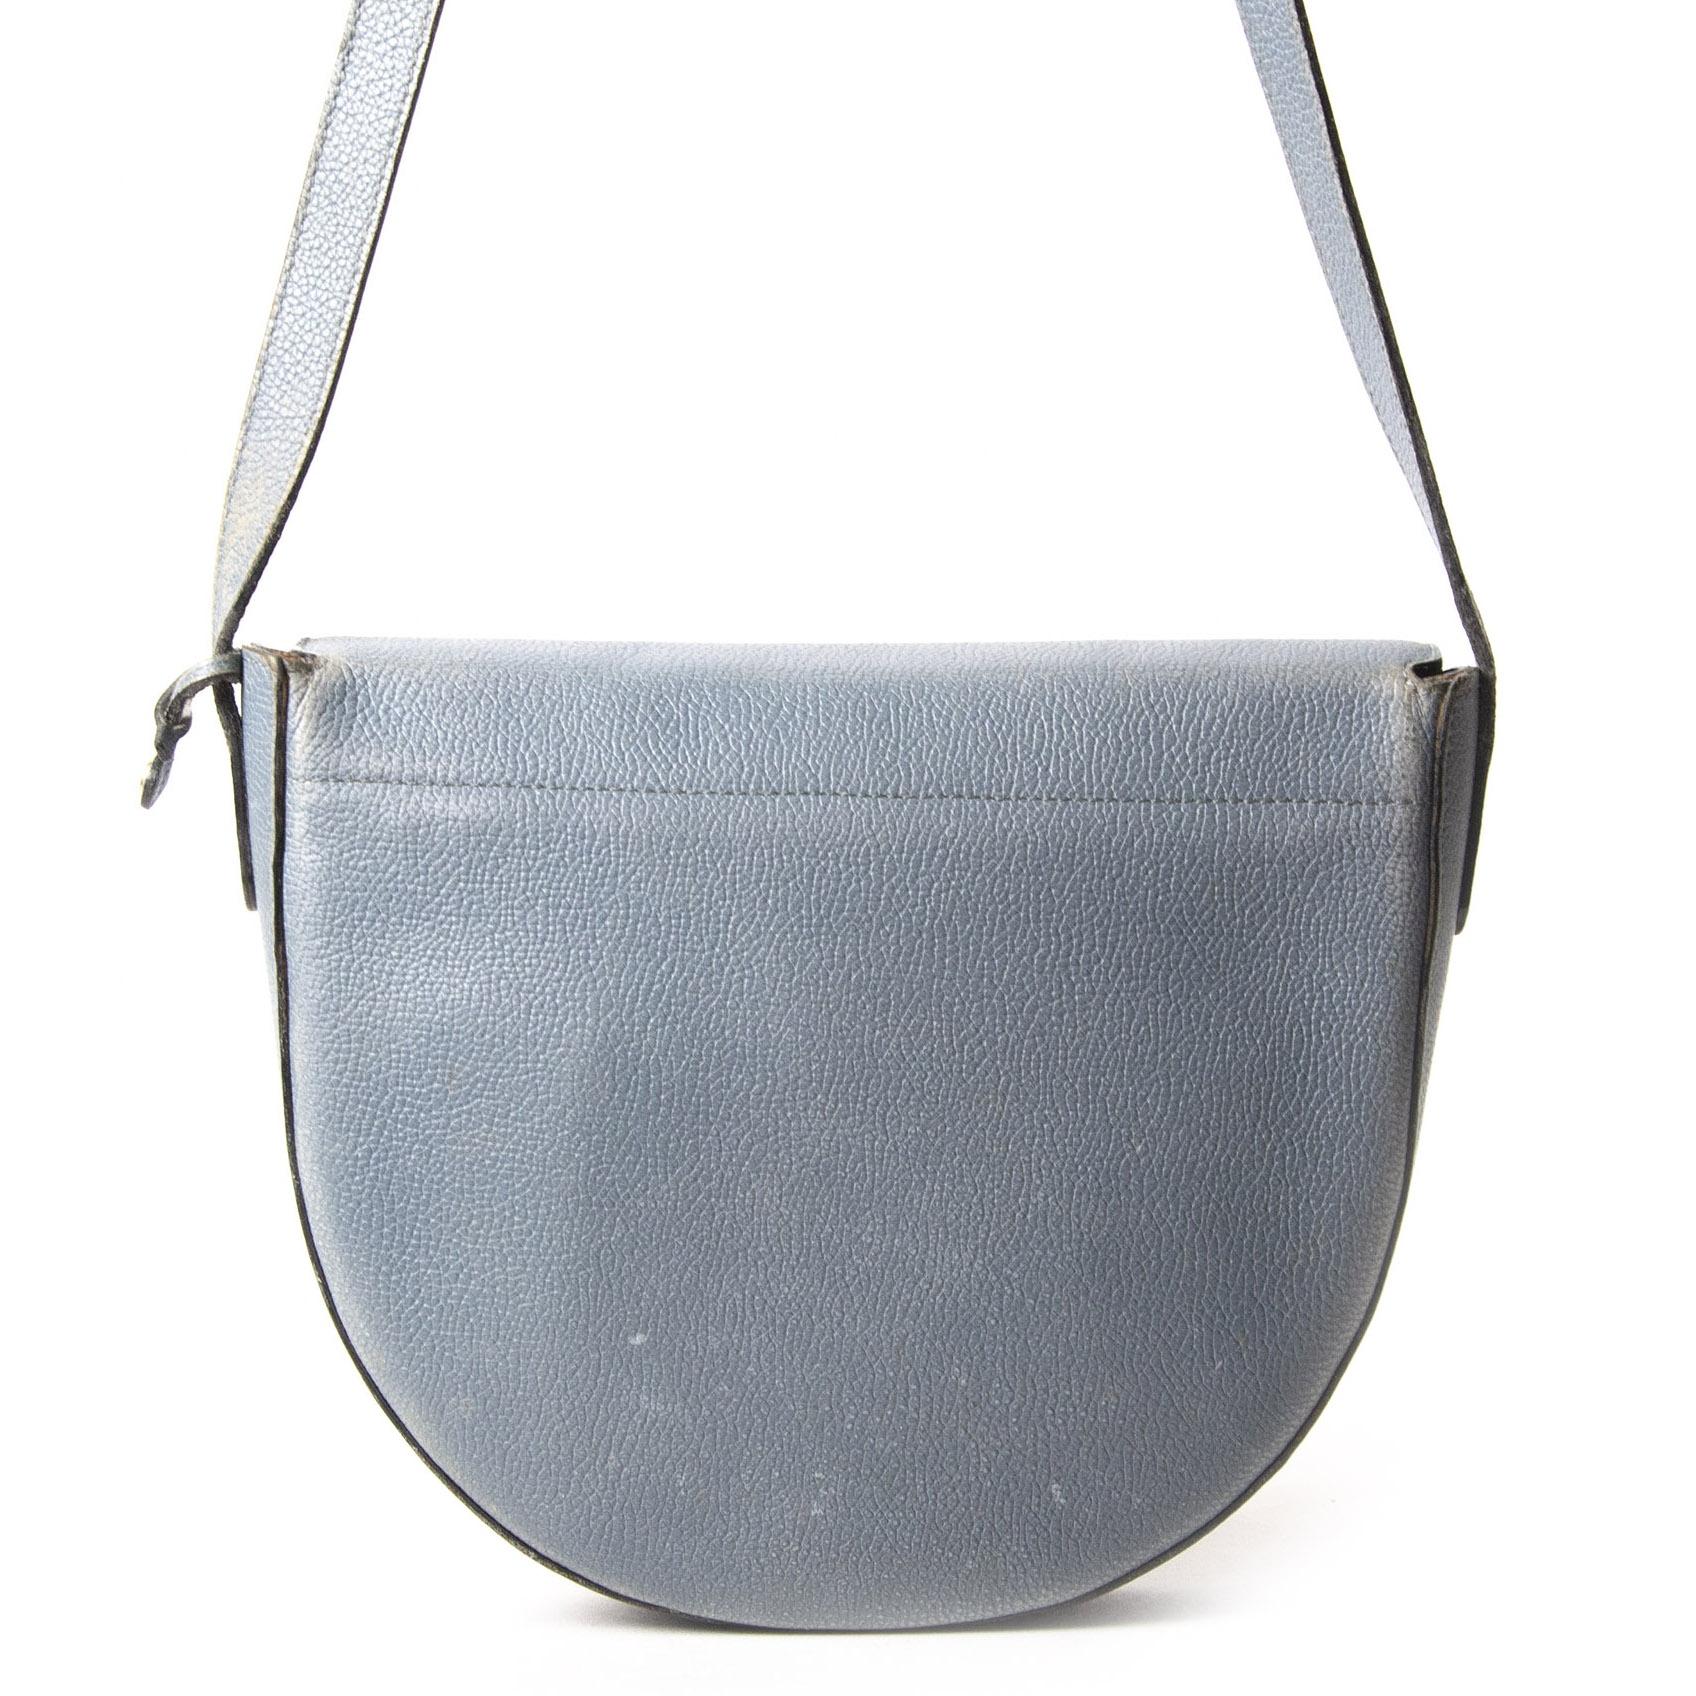 Delvaux Blue Cut Out Leather Shoulder Bag